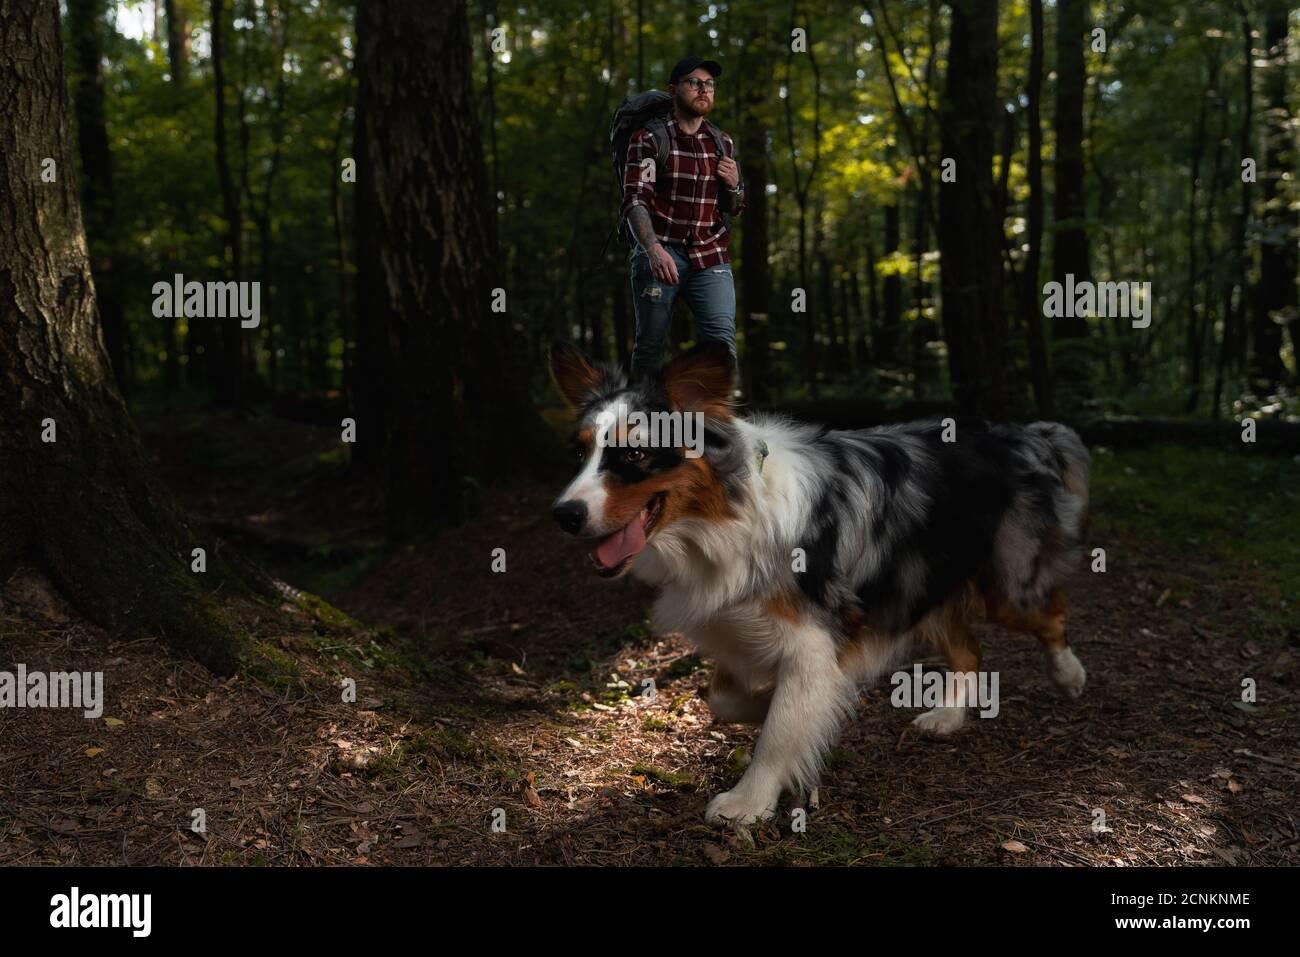 Chien australien avec Hiker Backpacker Man se promener et faire des randonnées dans la forêt. Style de vie actif avec les animaux Banque D'Images